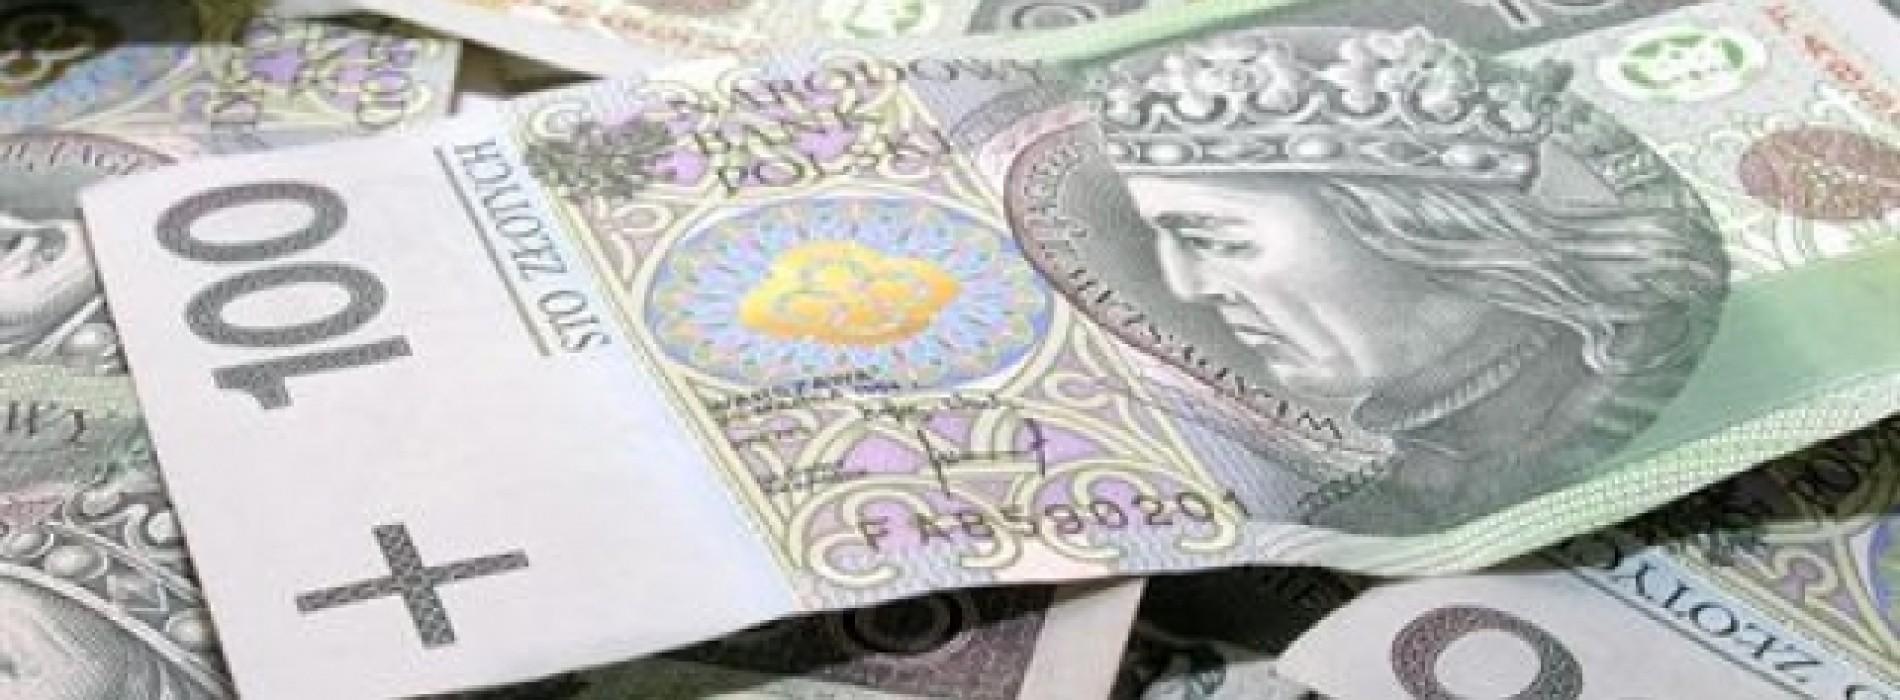 Raty kredytów w złotych też mogą znacznie wzrosnąć